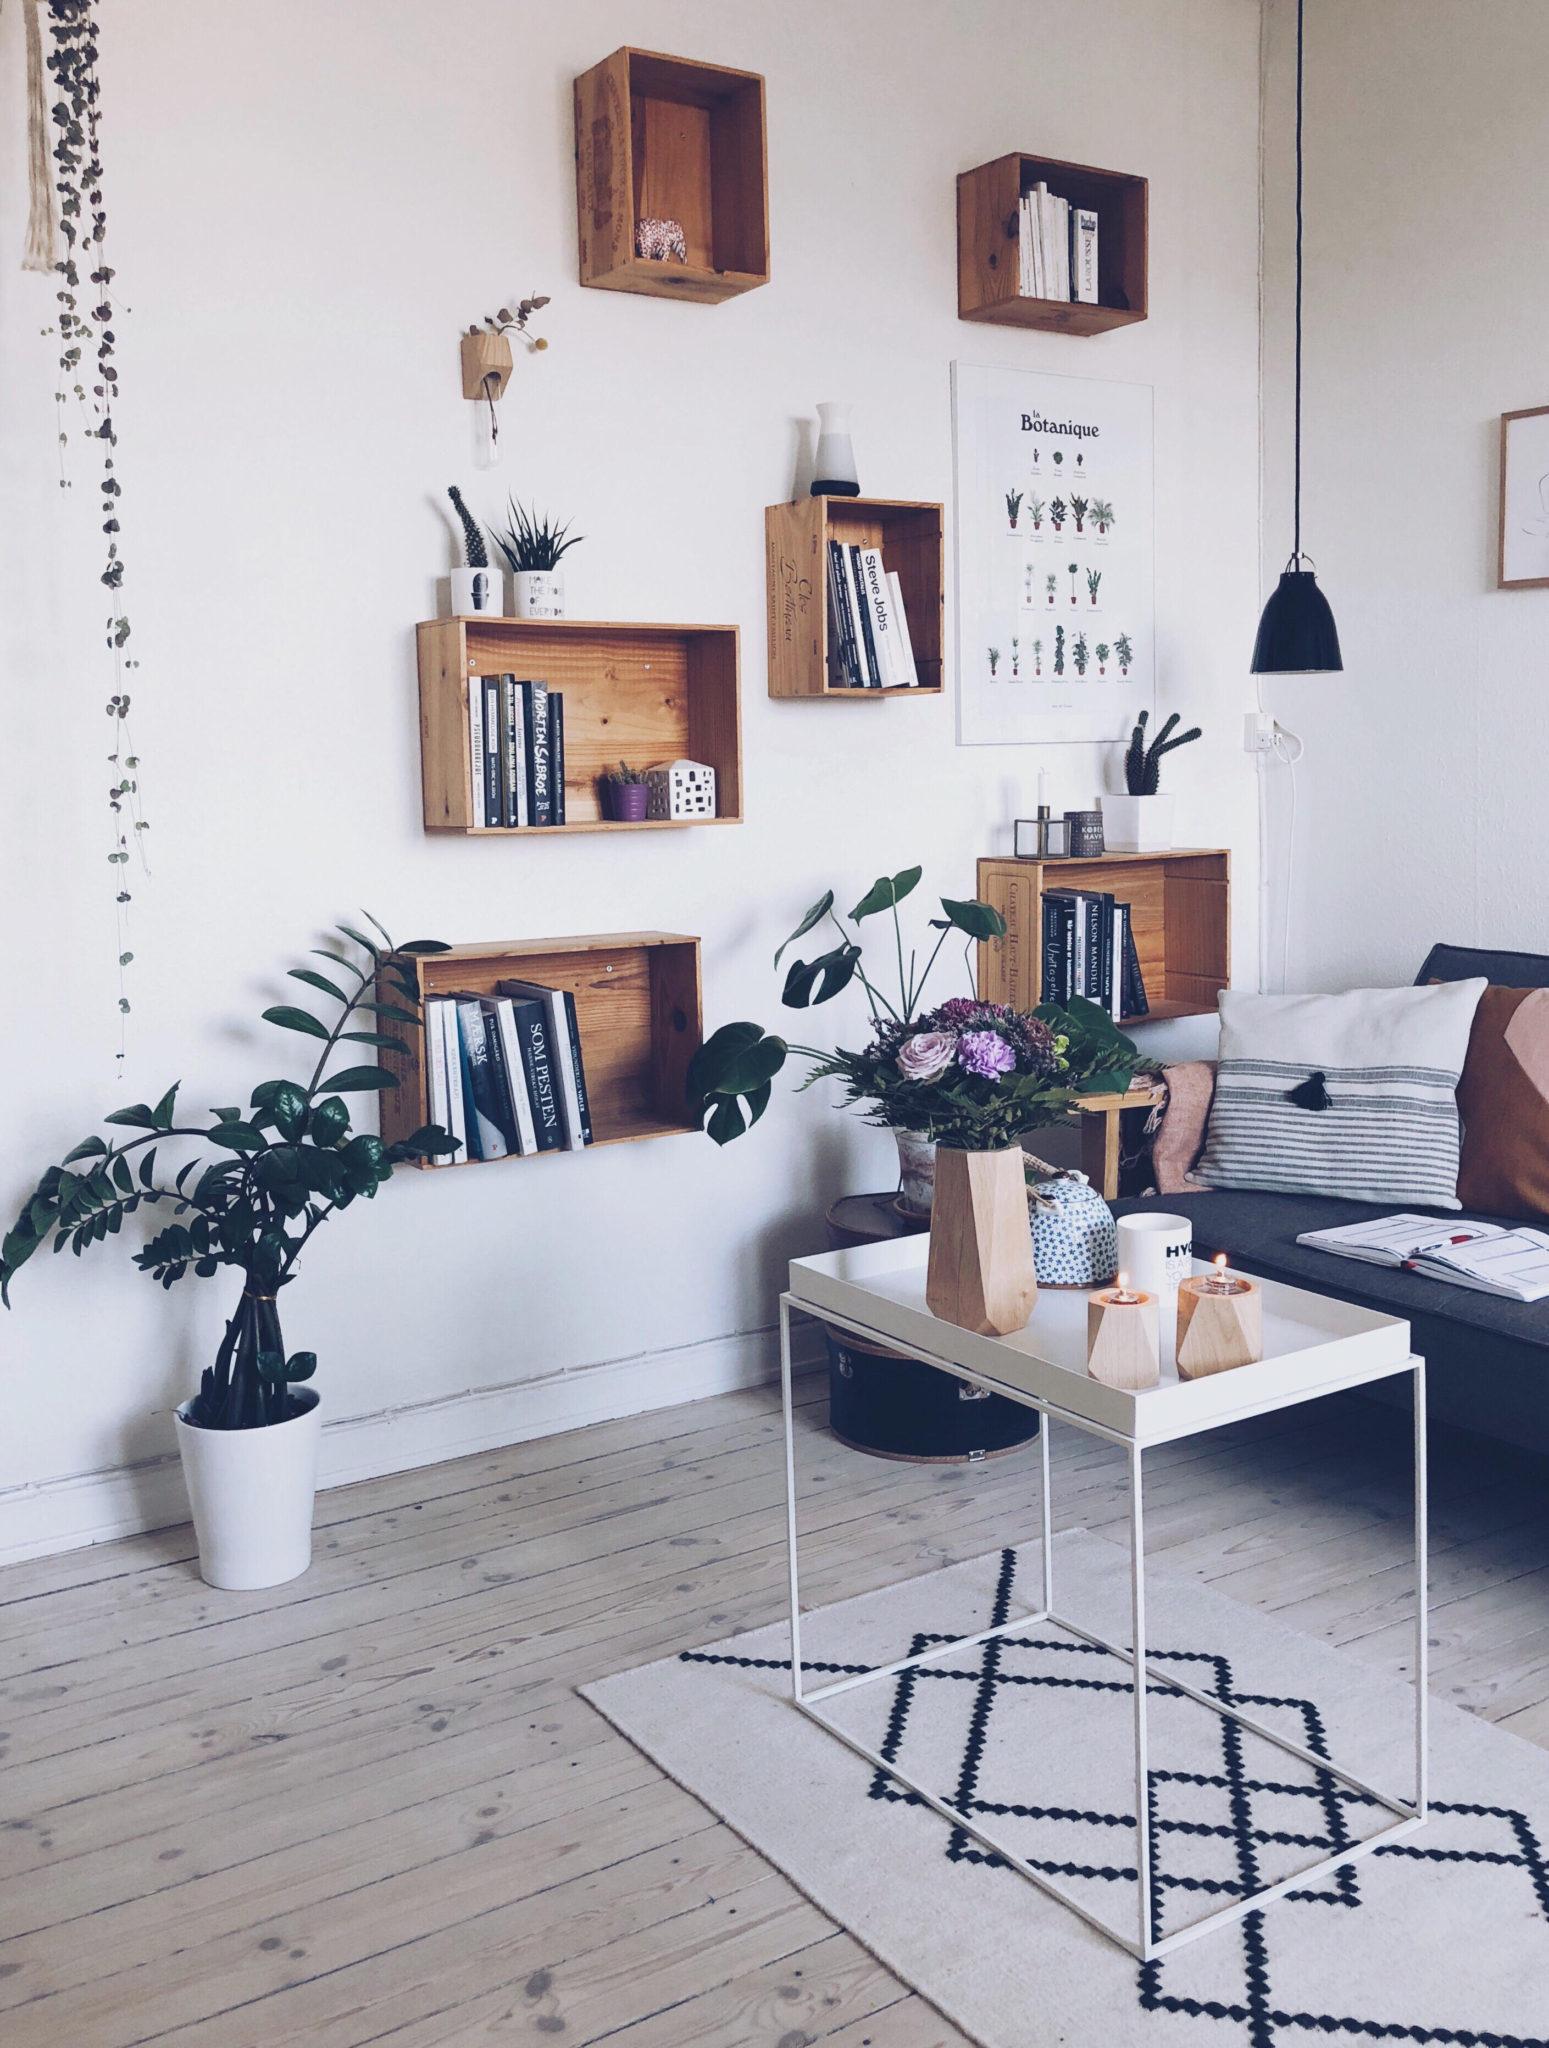 heldal design sundt indeklima med planter og blomster